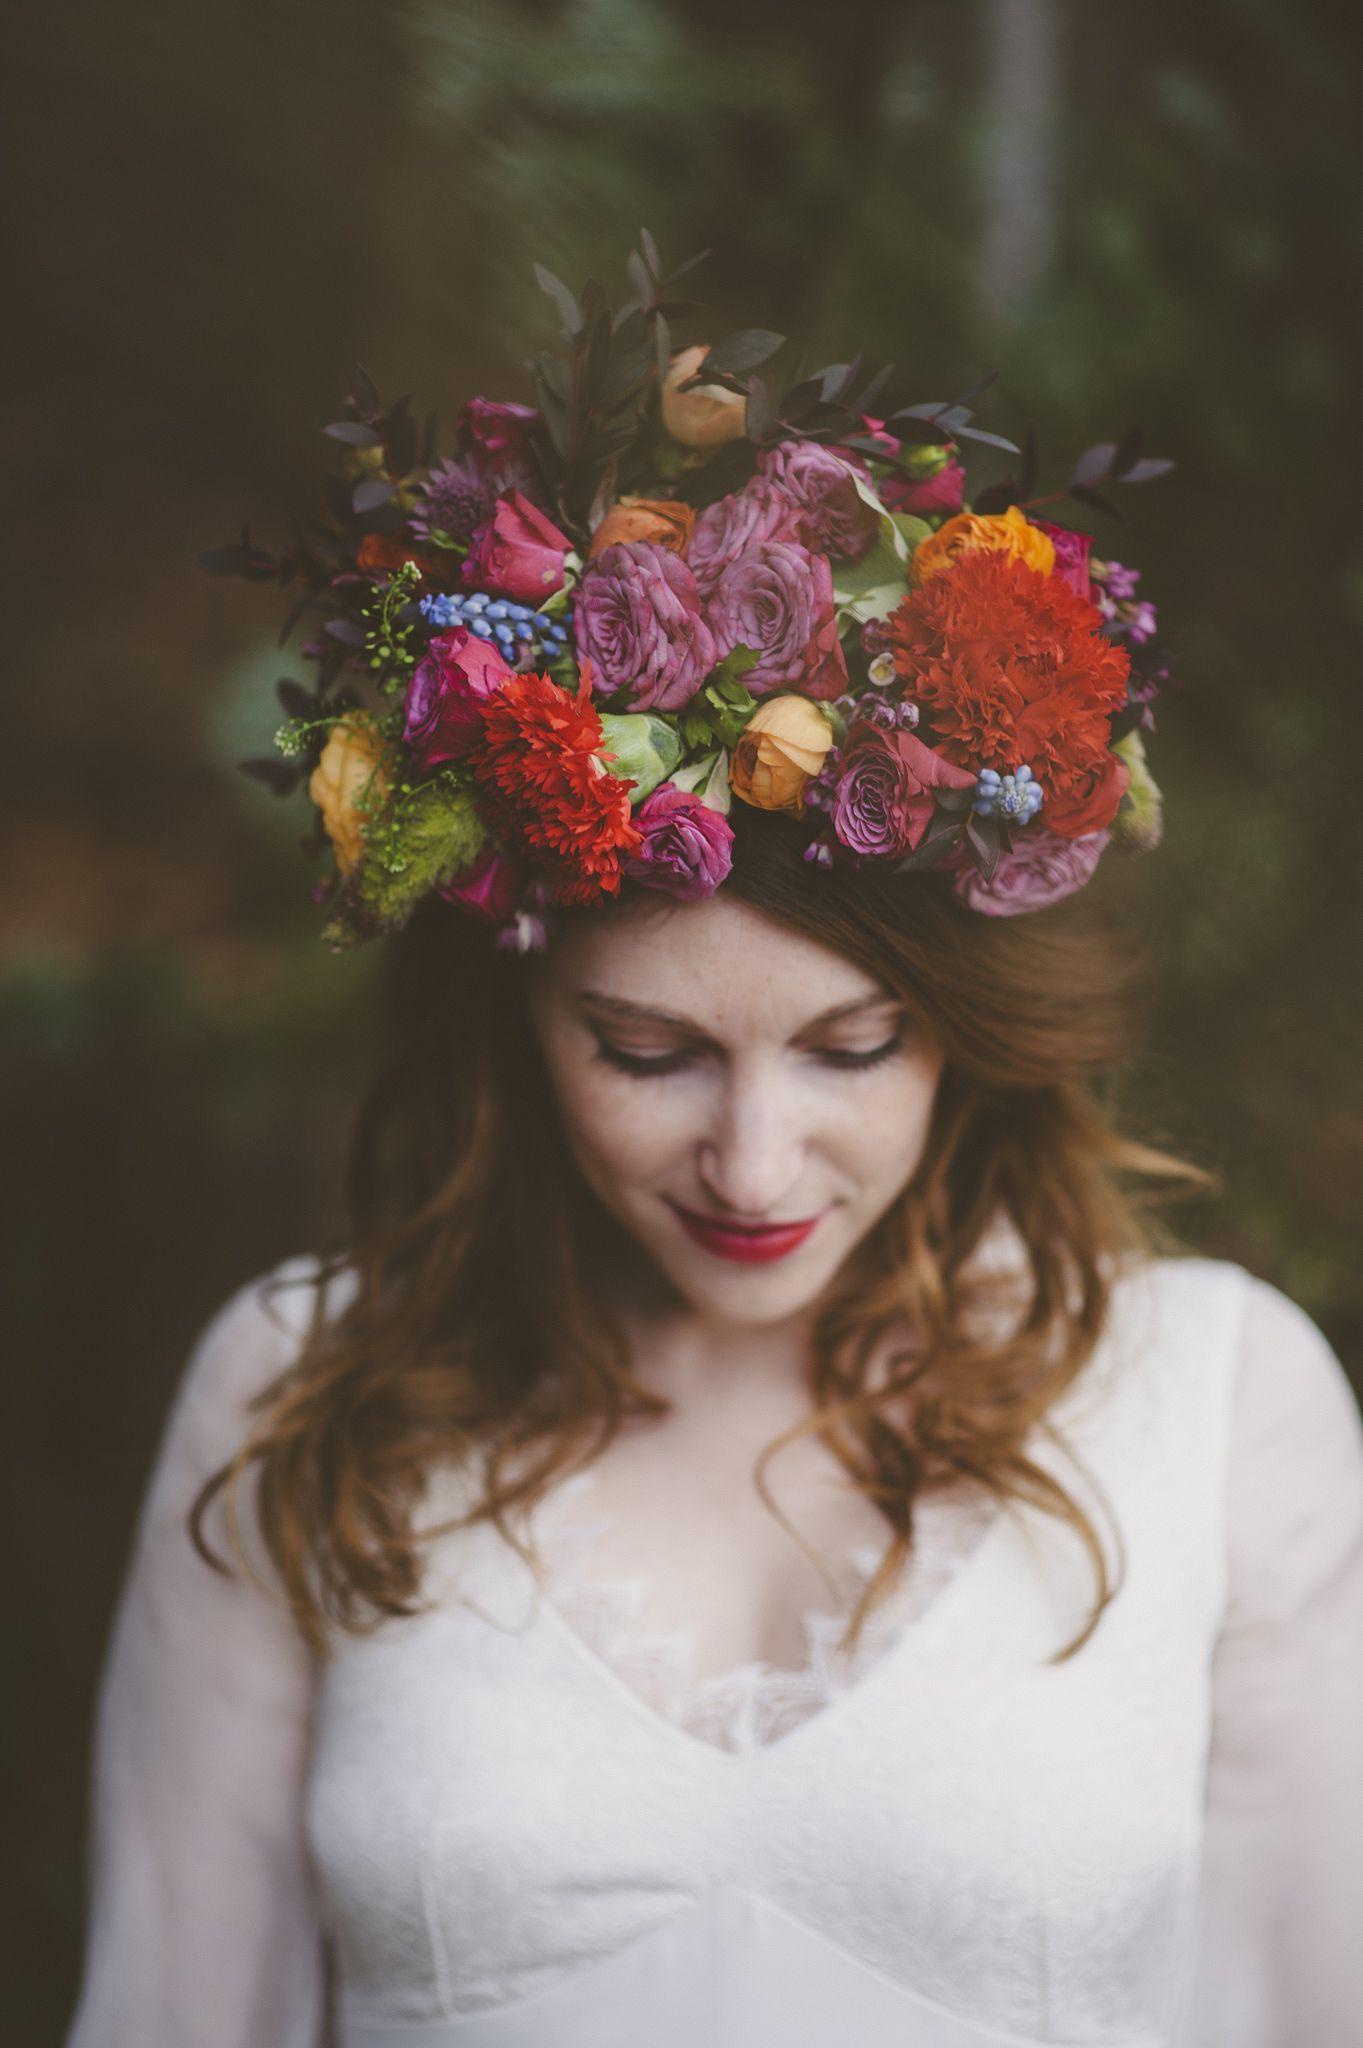 Épinglé sur CHEVEUX FLEURIS FLOWERS IN HER HAIR